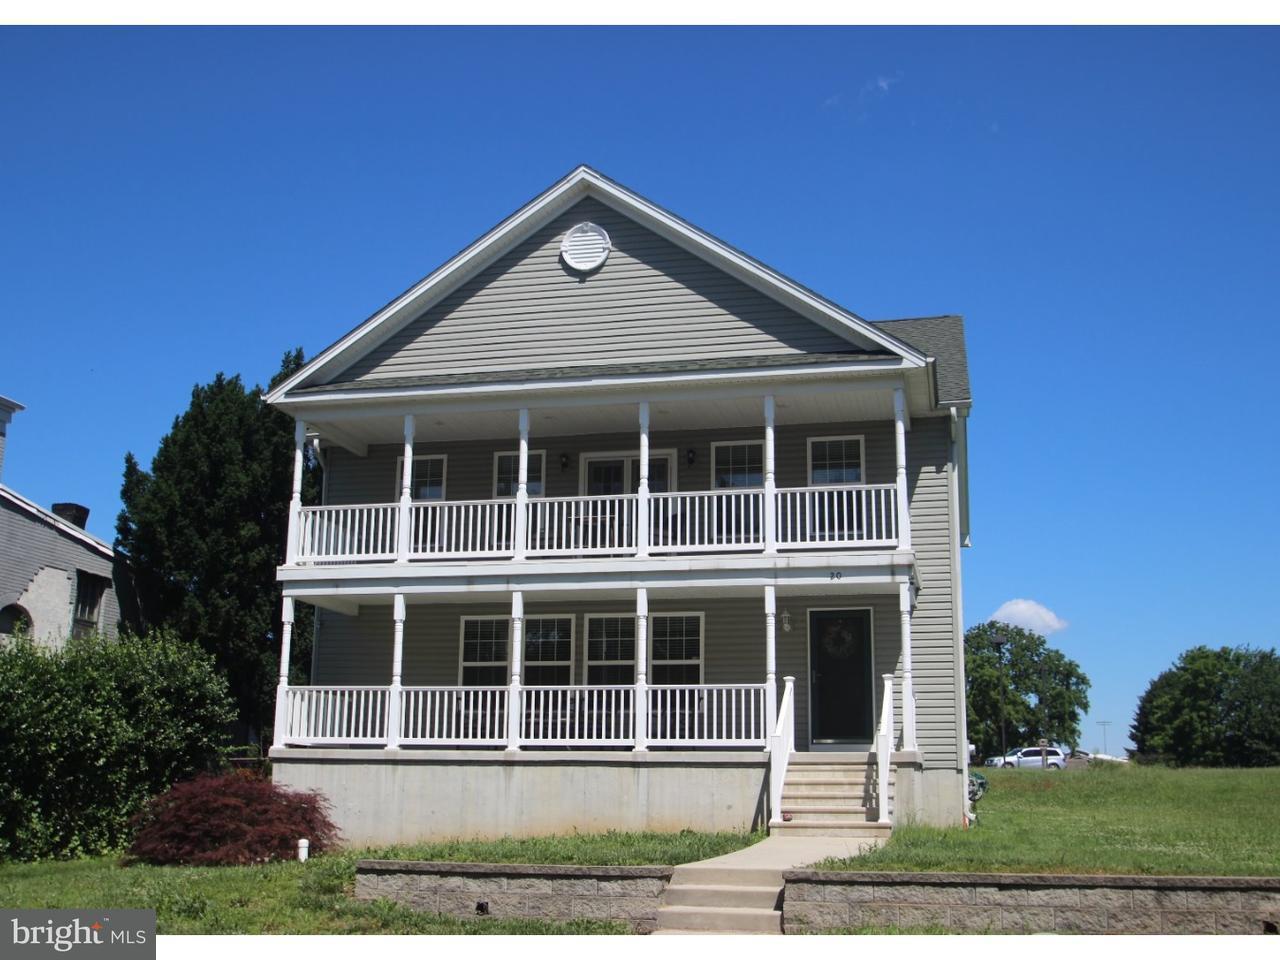 Maison unifamiliale pour l Vente à 20 E DELAWARE Avenue Marcus Hook, Pennsylvanie 19061 États-Unis